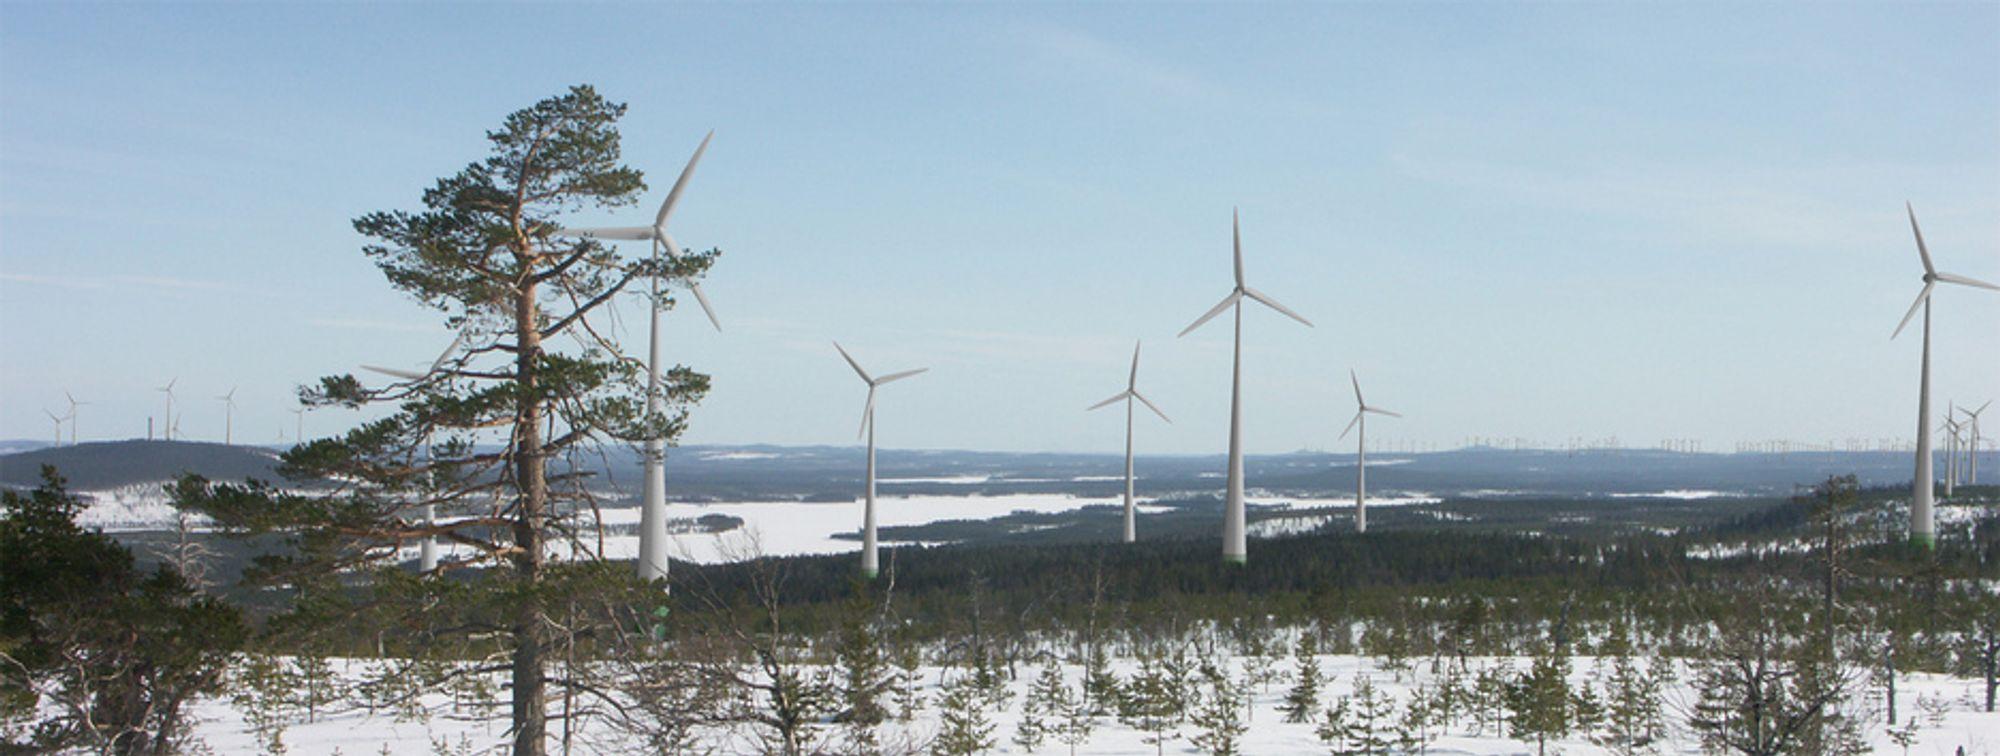 GLESBYGDEN: Landskapene i Norrbotten er småkupert uten store variasjoner og er velegnet for store vindparkutbygginger. Her fra Hästberget i Markbygden.